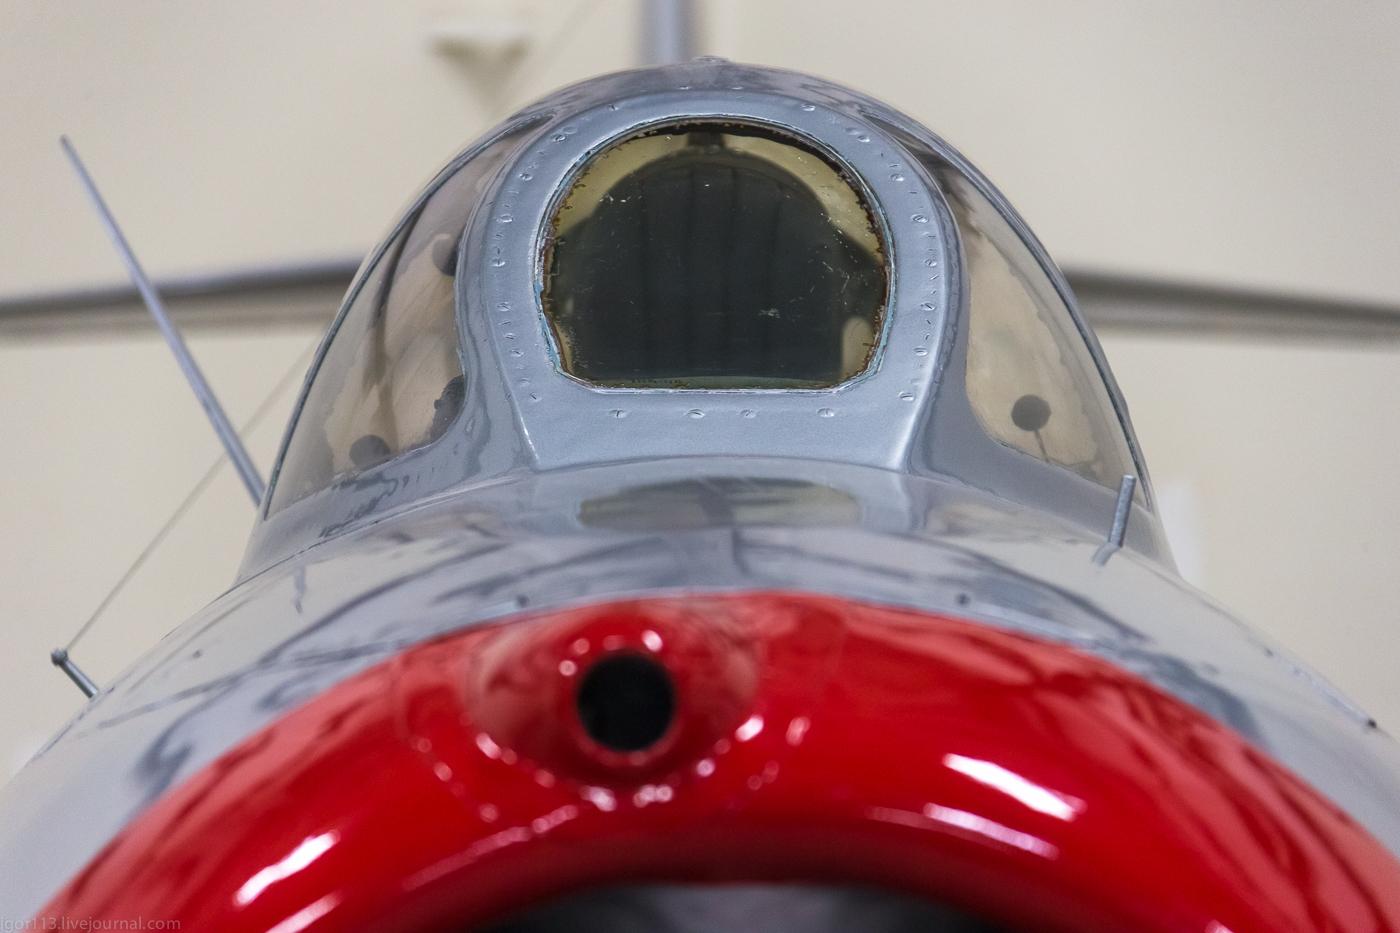 Pima air museum: авиация СССР ч.1: польские  МиГ-15бис(он же Lim-2) и МиГ-15ути(он же SBLim-1)